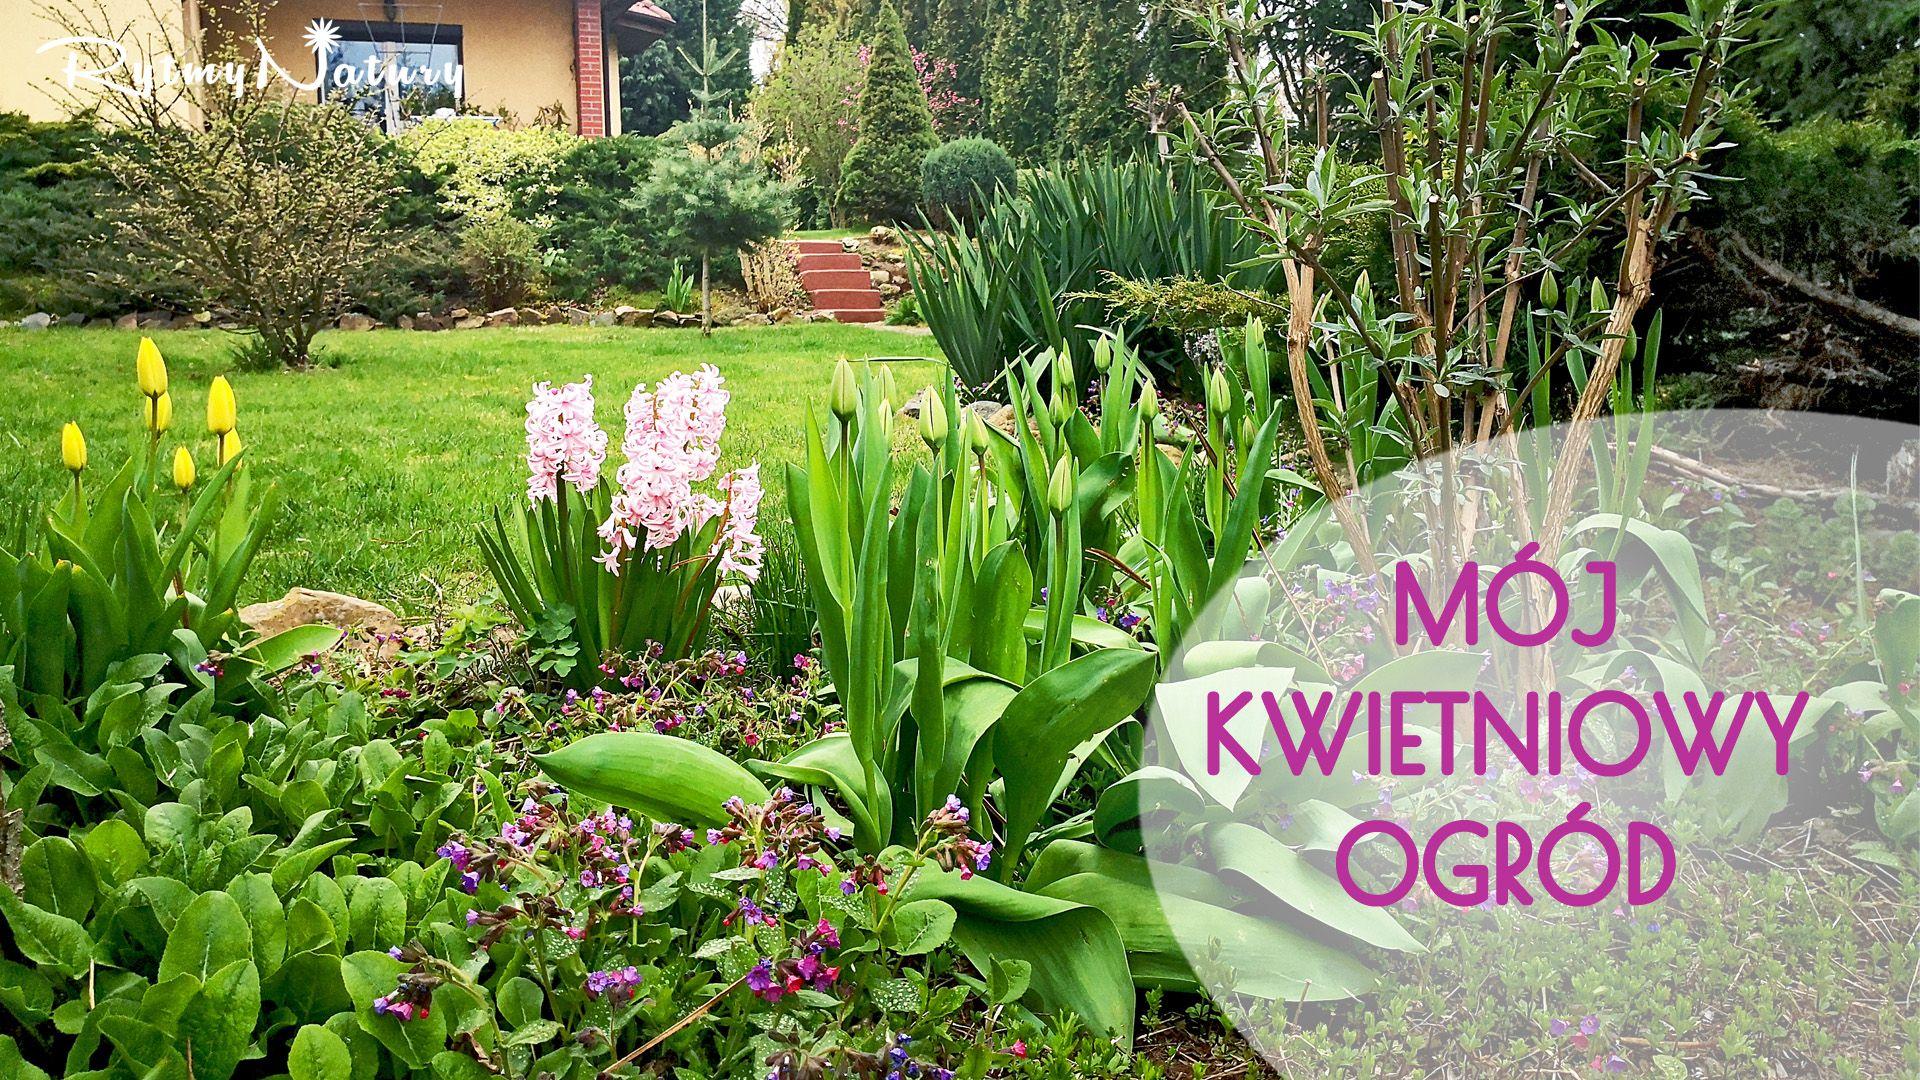 Moj Kwietniowy Ogrod Plants